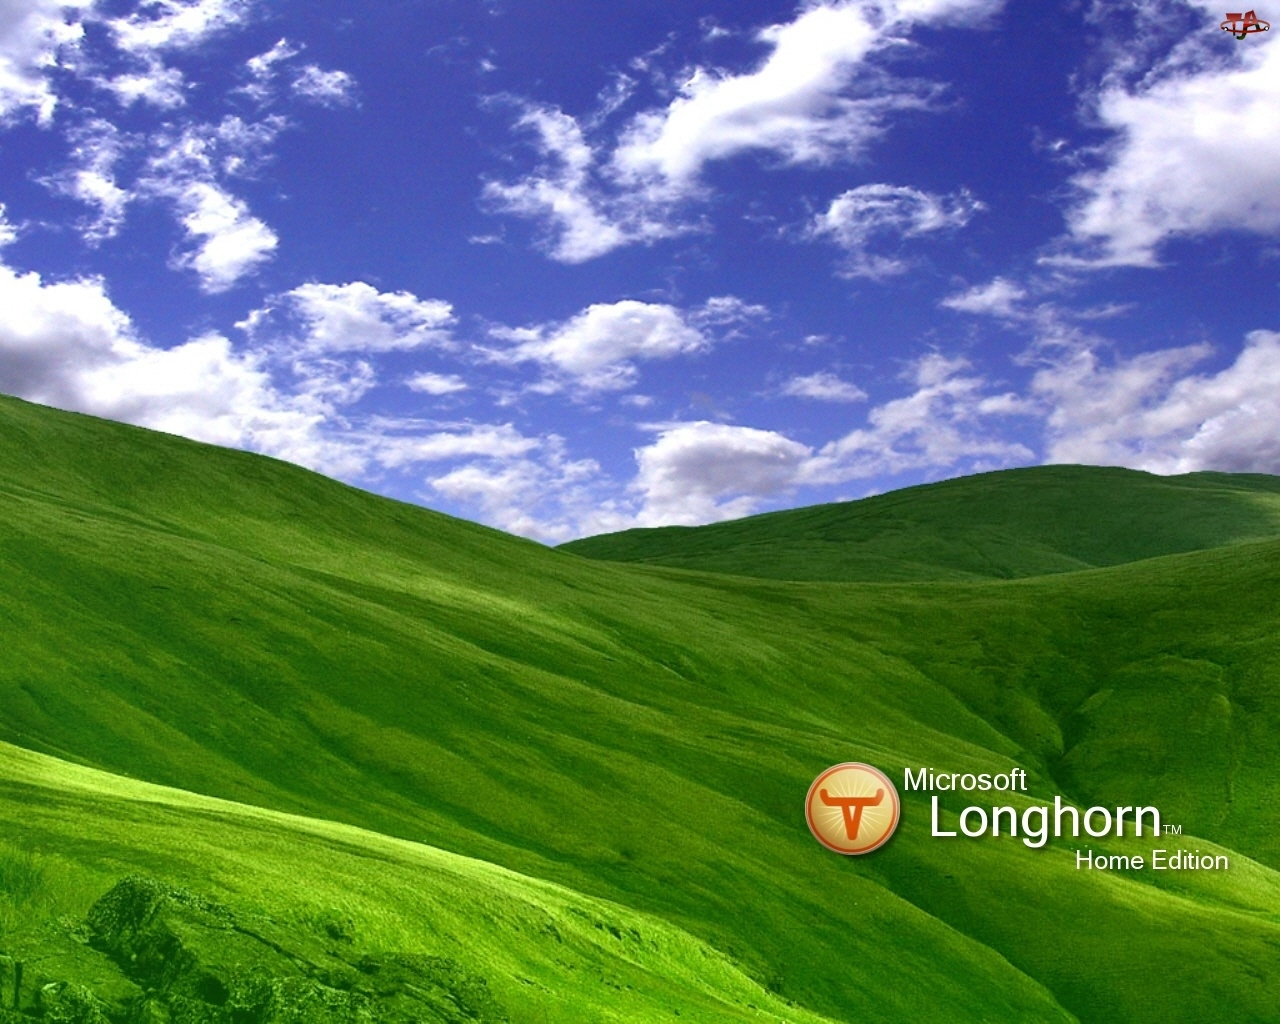 łąka, niebo, Longhorn, chmury, wzgórza, trawa